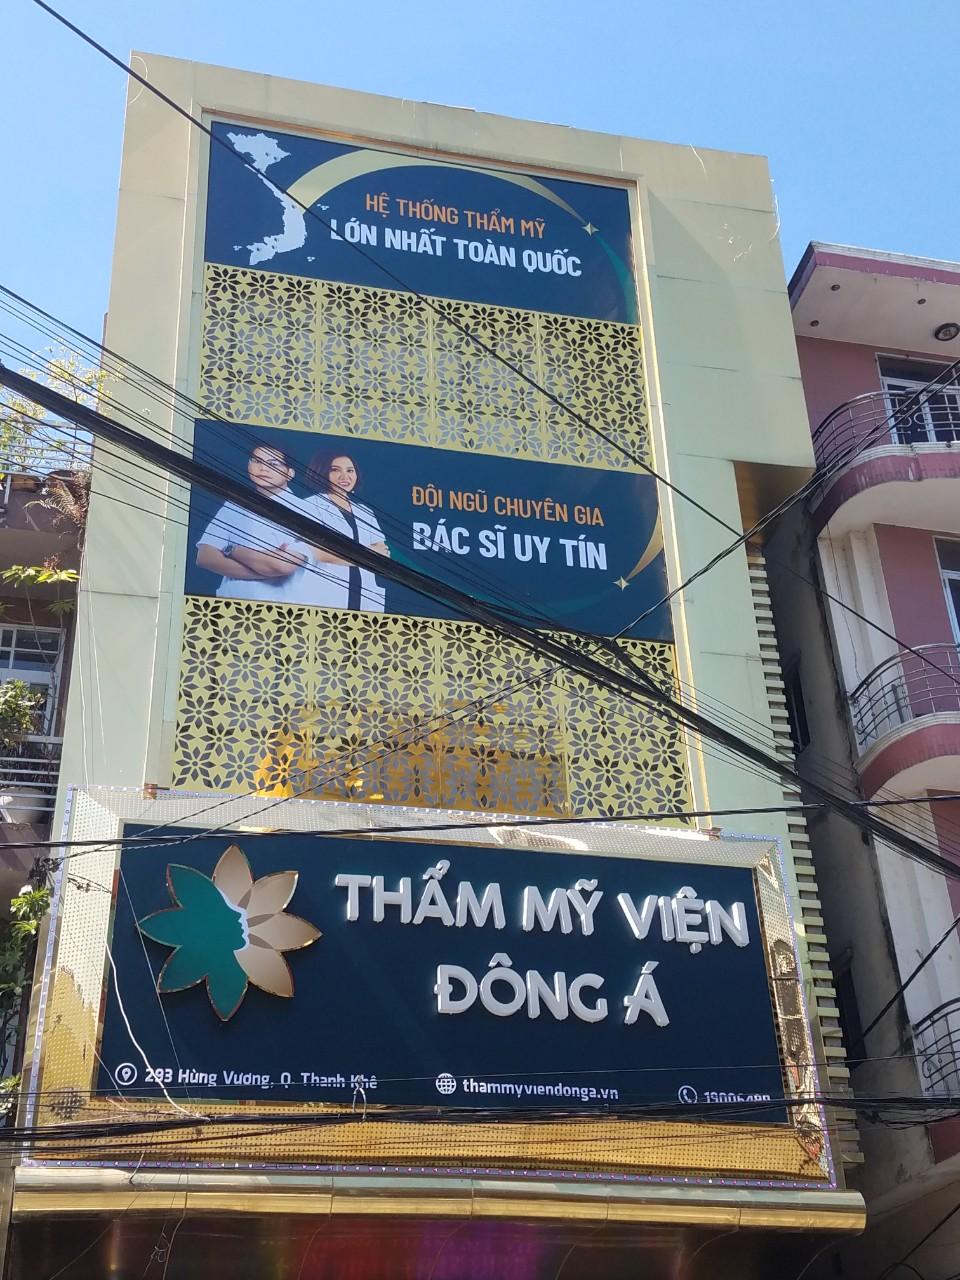 Thi công THẨM MỸ VIỆN ĐÔNG Á tại Đà Nẵng